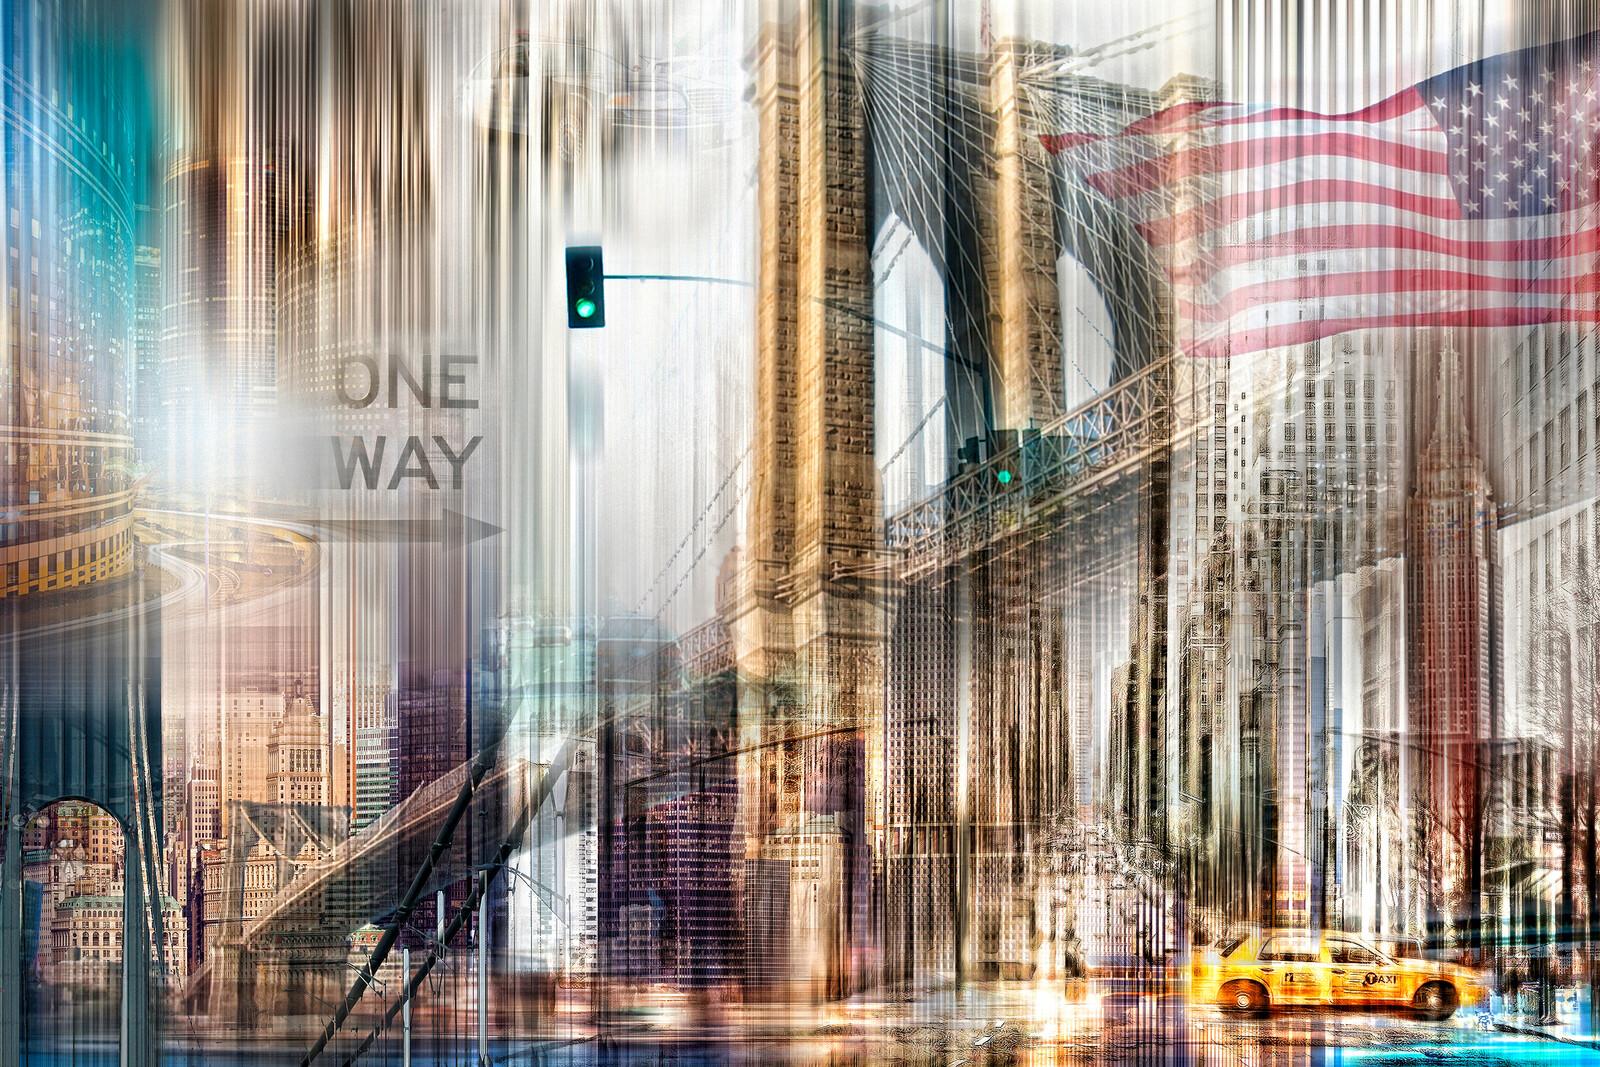 NY01 - Annette Herdemann